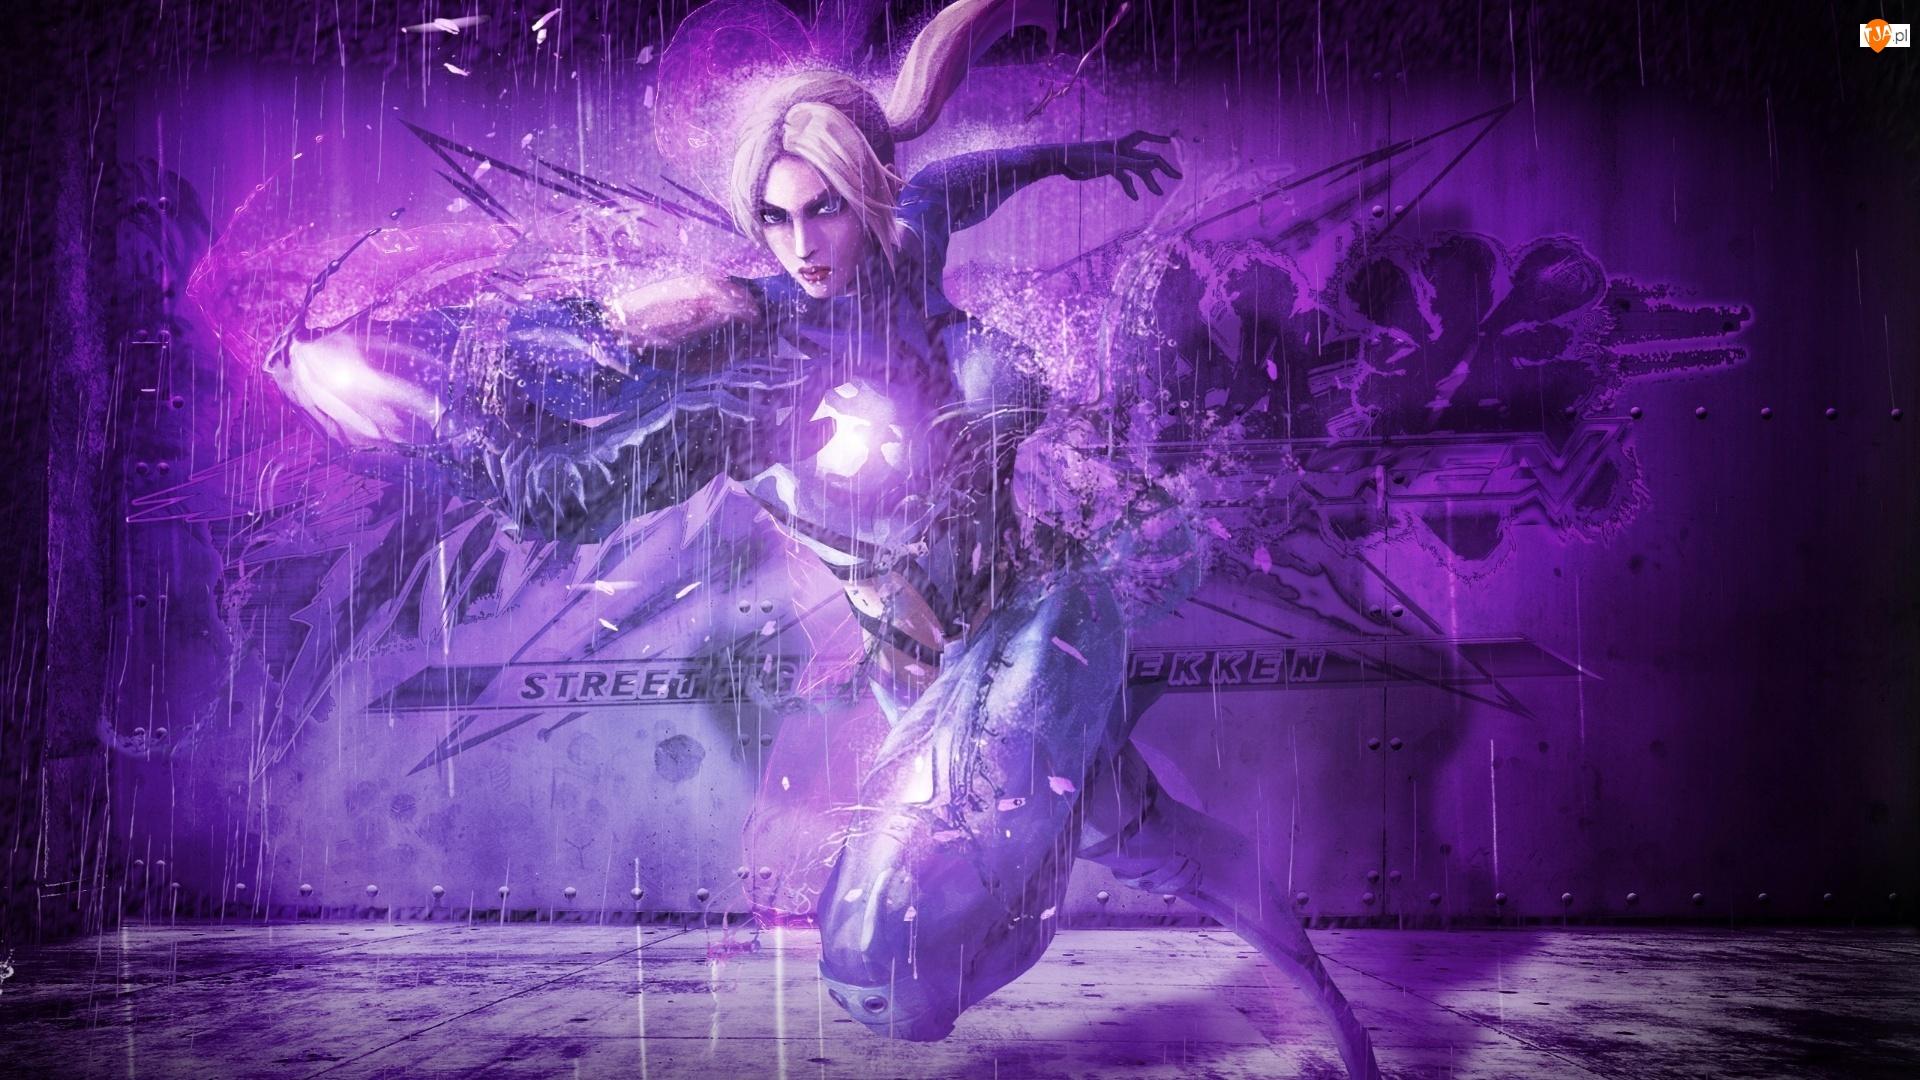 Street Fighter X Tekken, Nina Williams